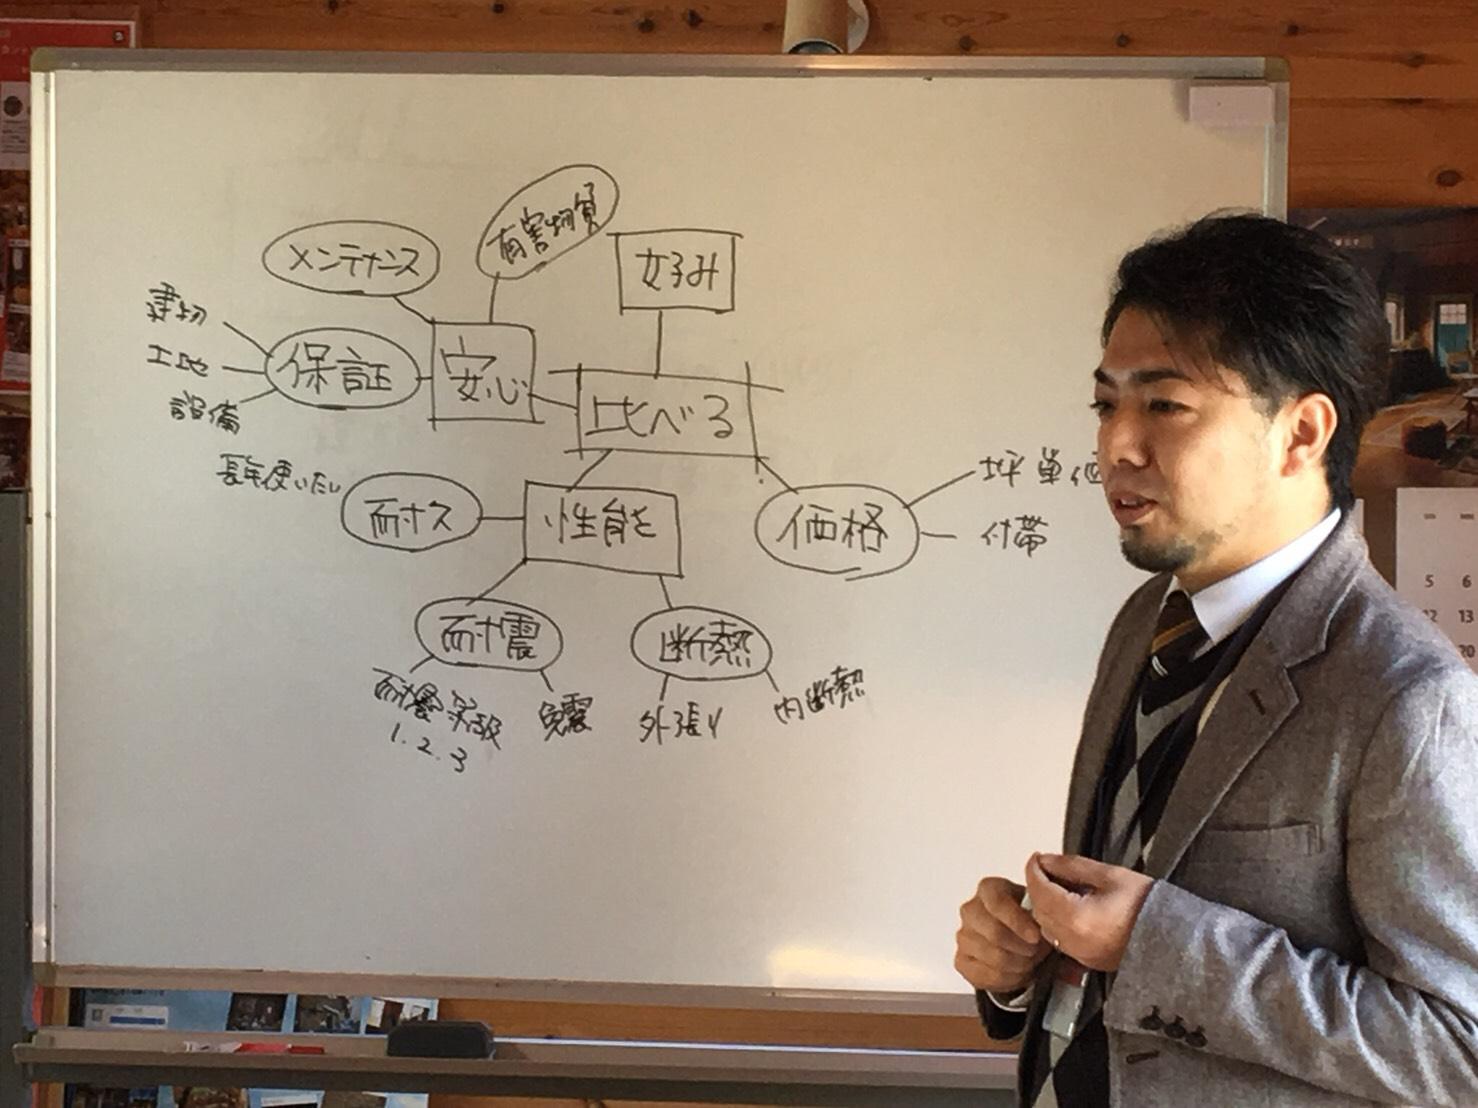 7/29 浜松 家づくりセミナー開催【失敗しない家づくりの進め方】